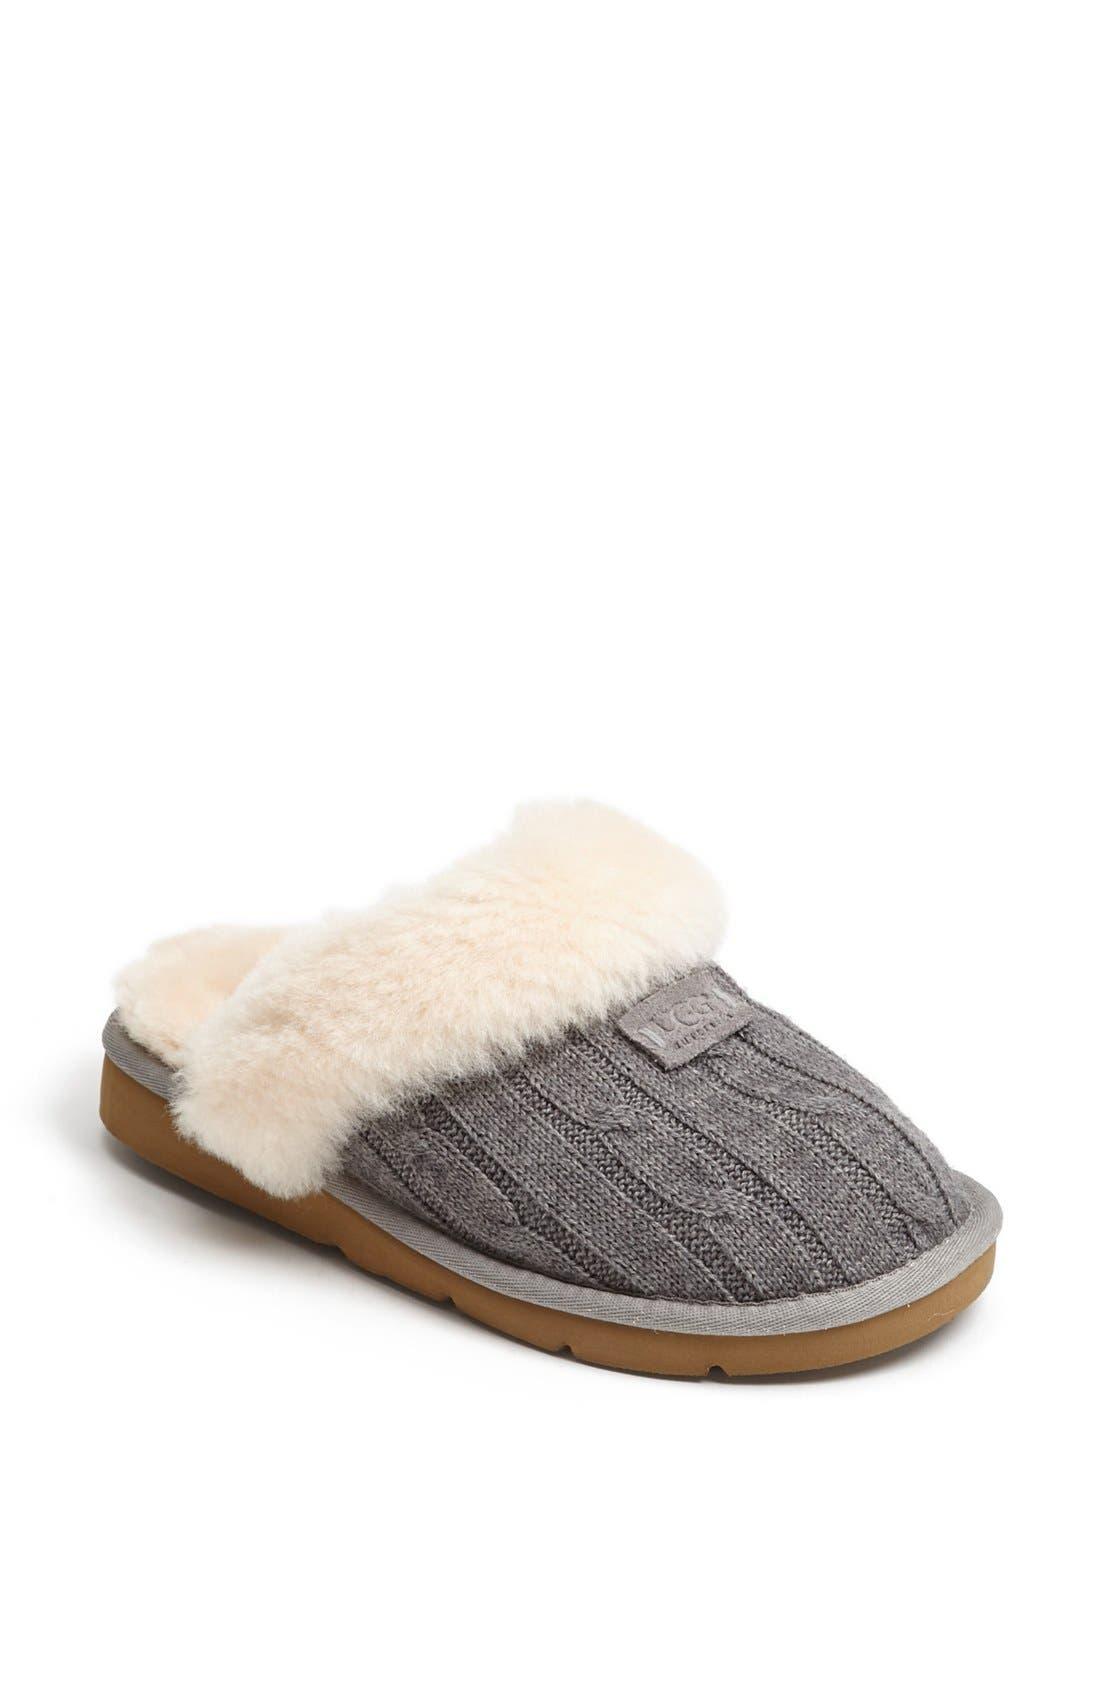 Alternate Image 1 Selected - UGG® Australia 'Cozy' Knit Slipper (Women)